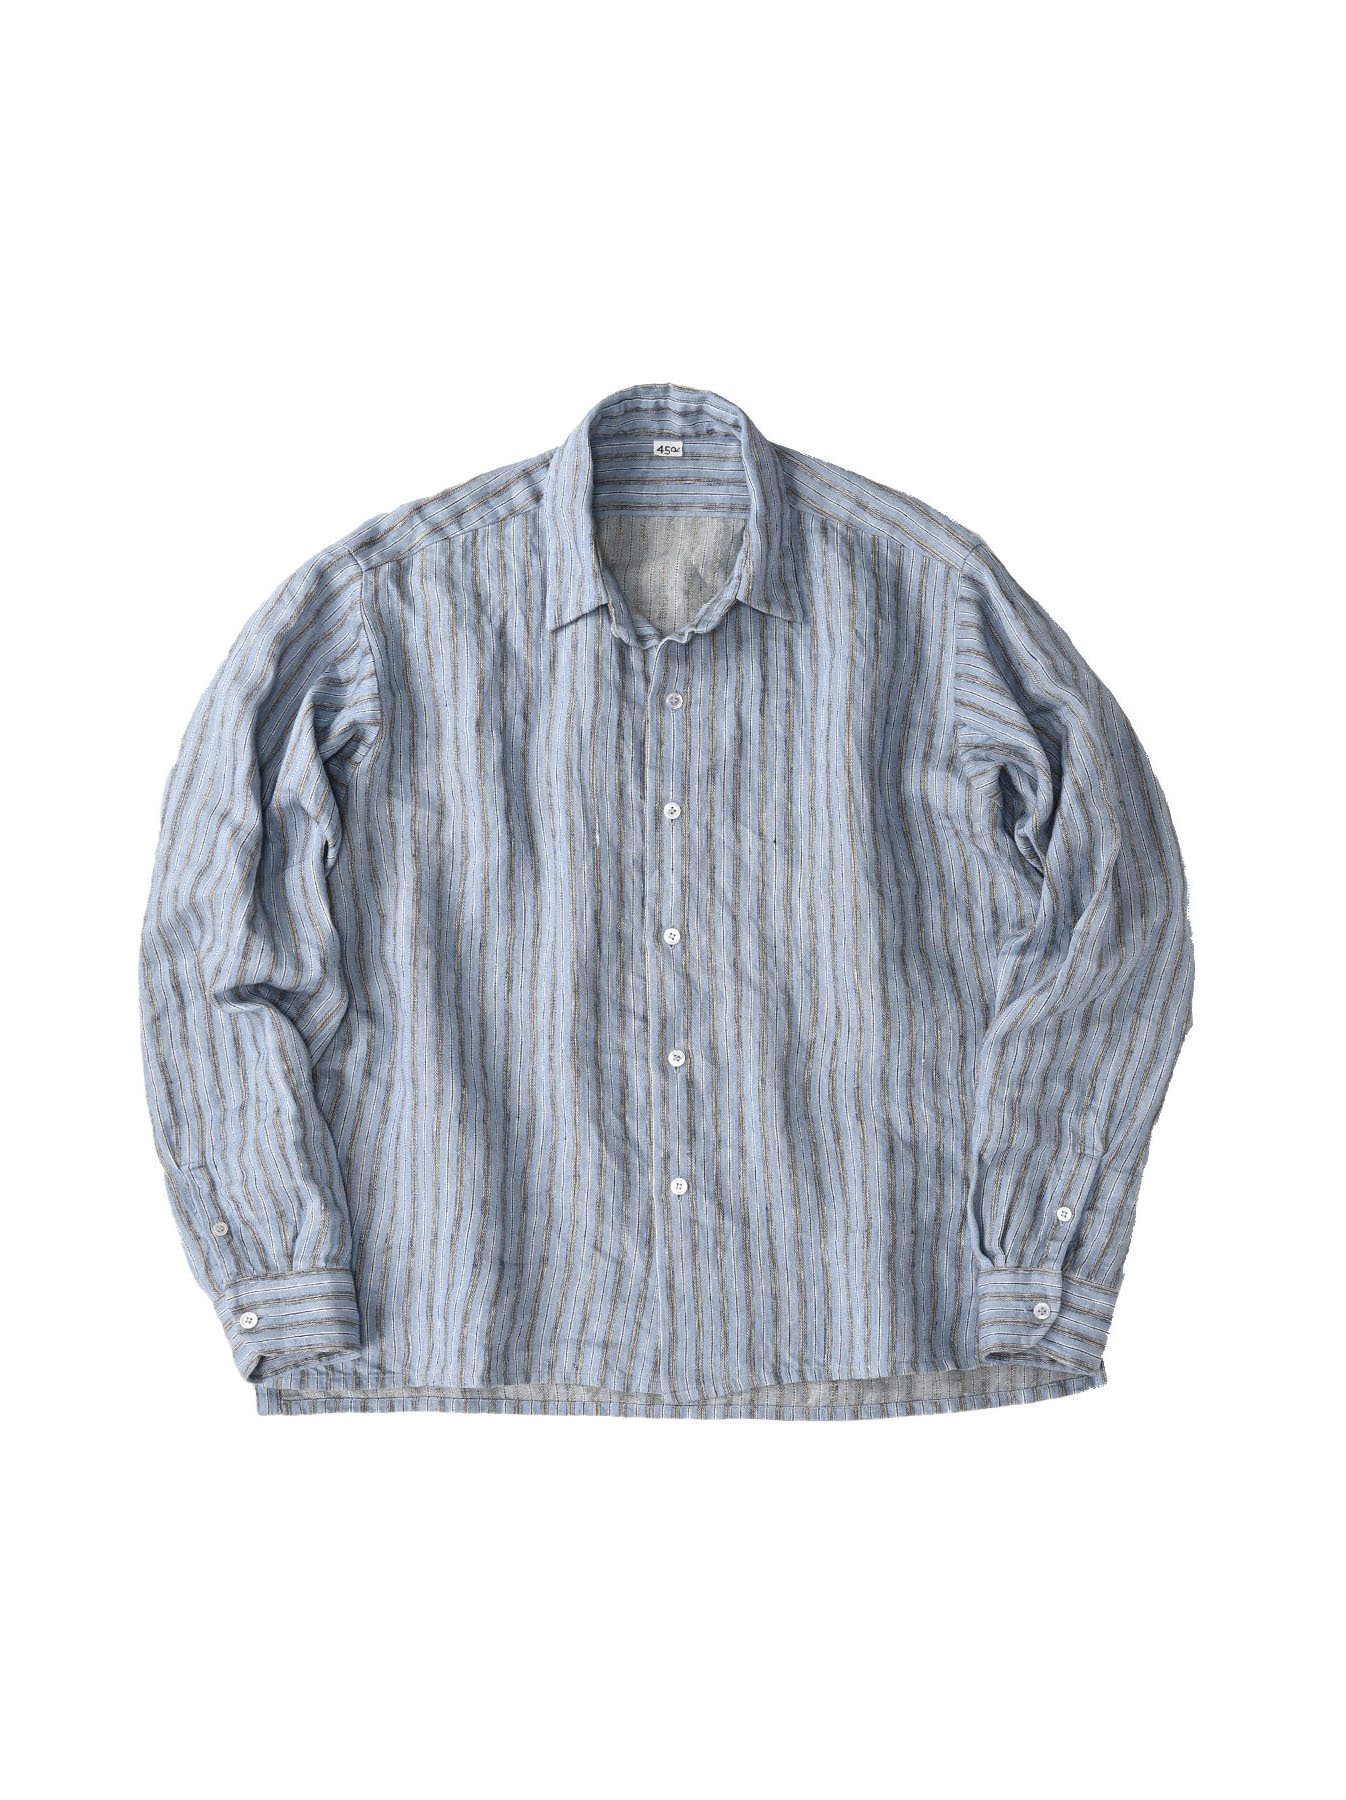 Indian Linen Twill 908 Shirt (0621)-11